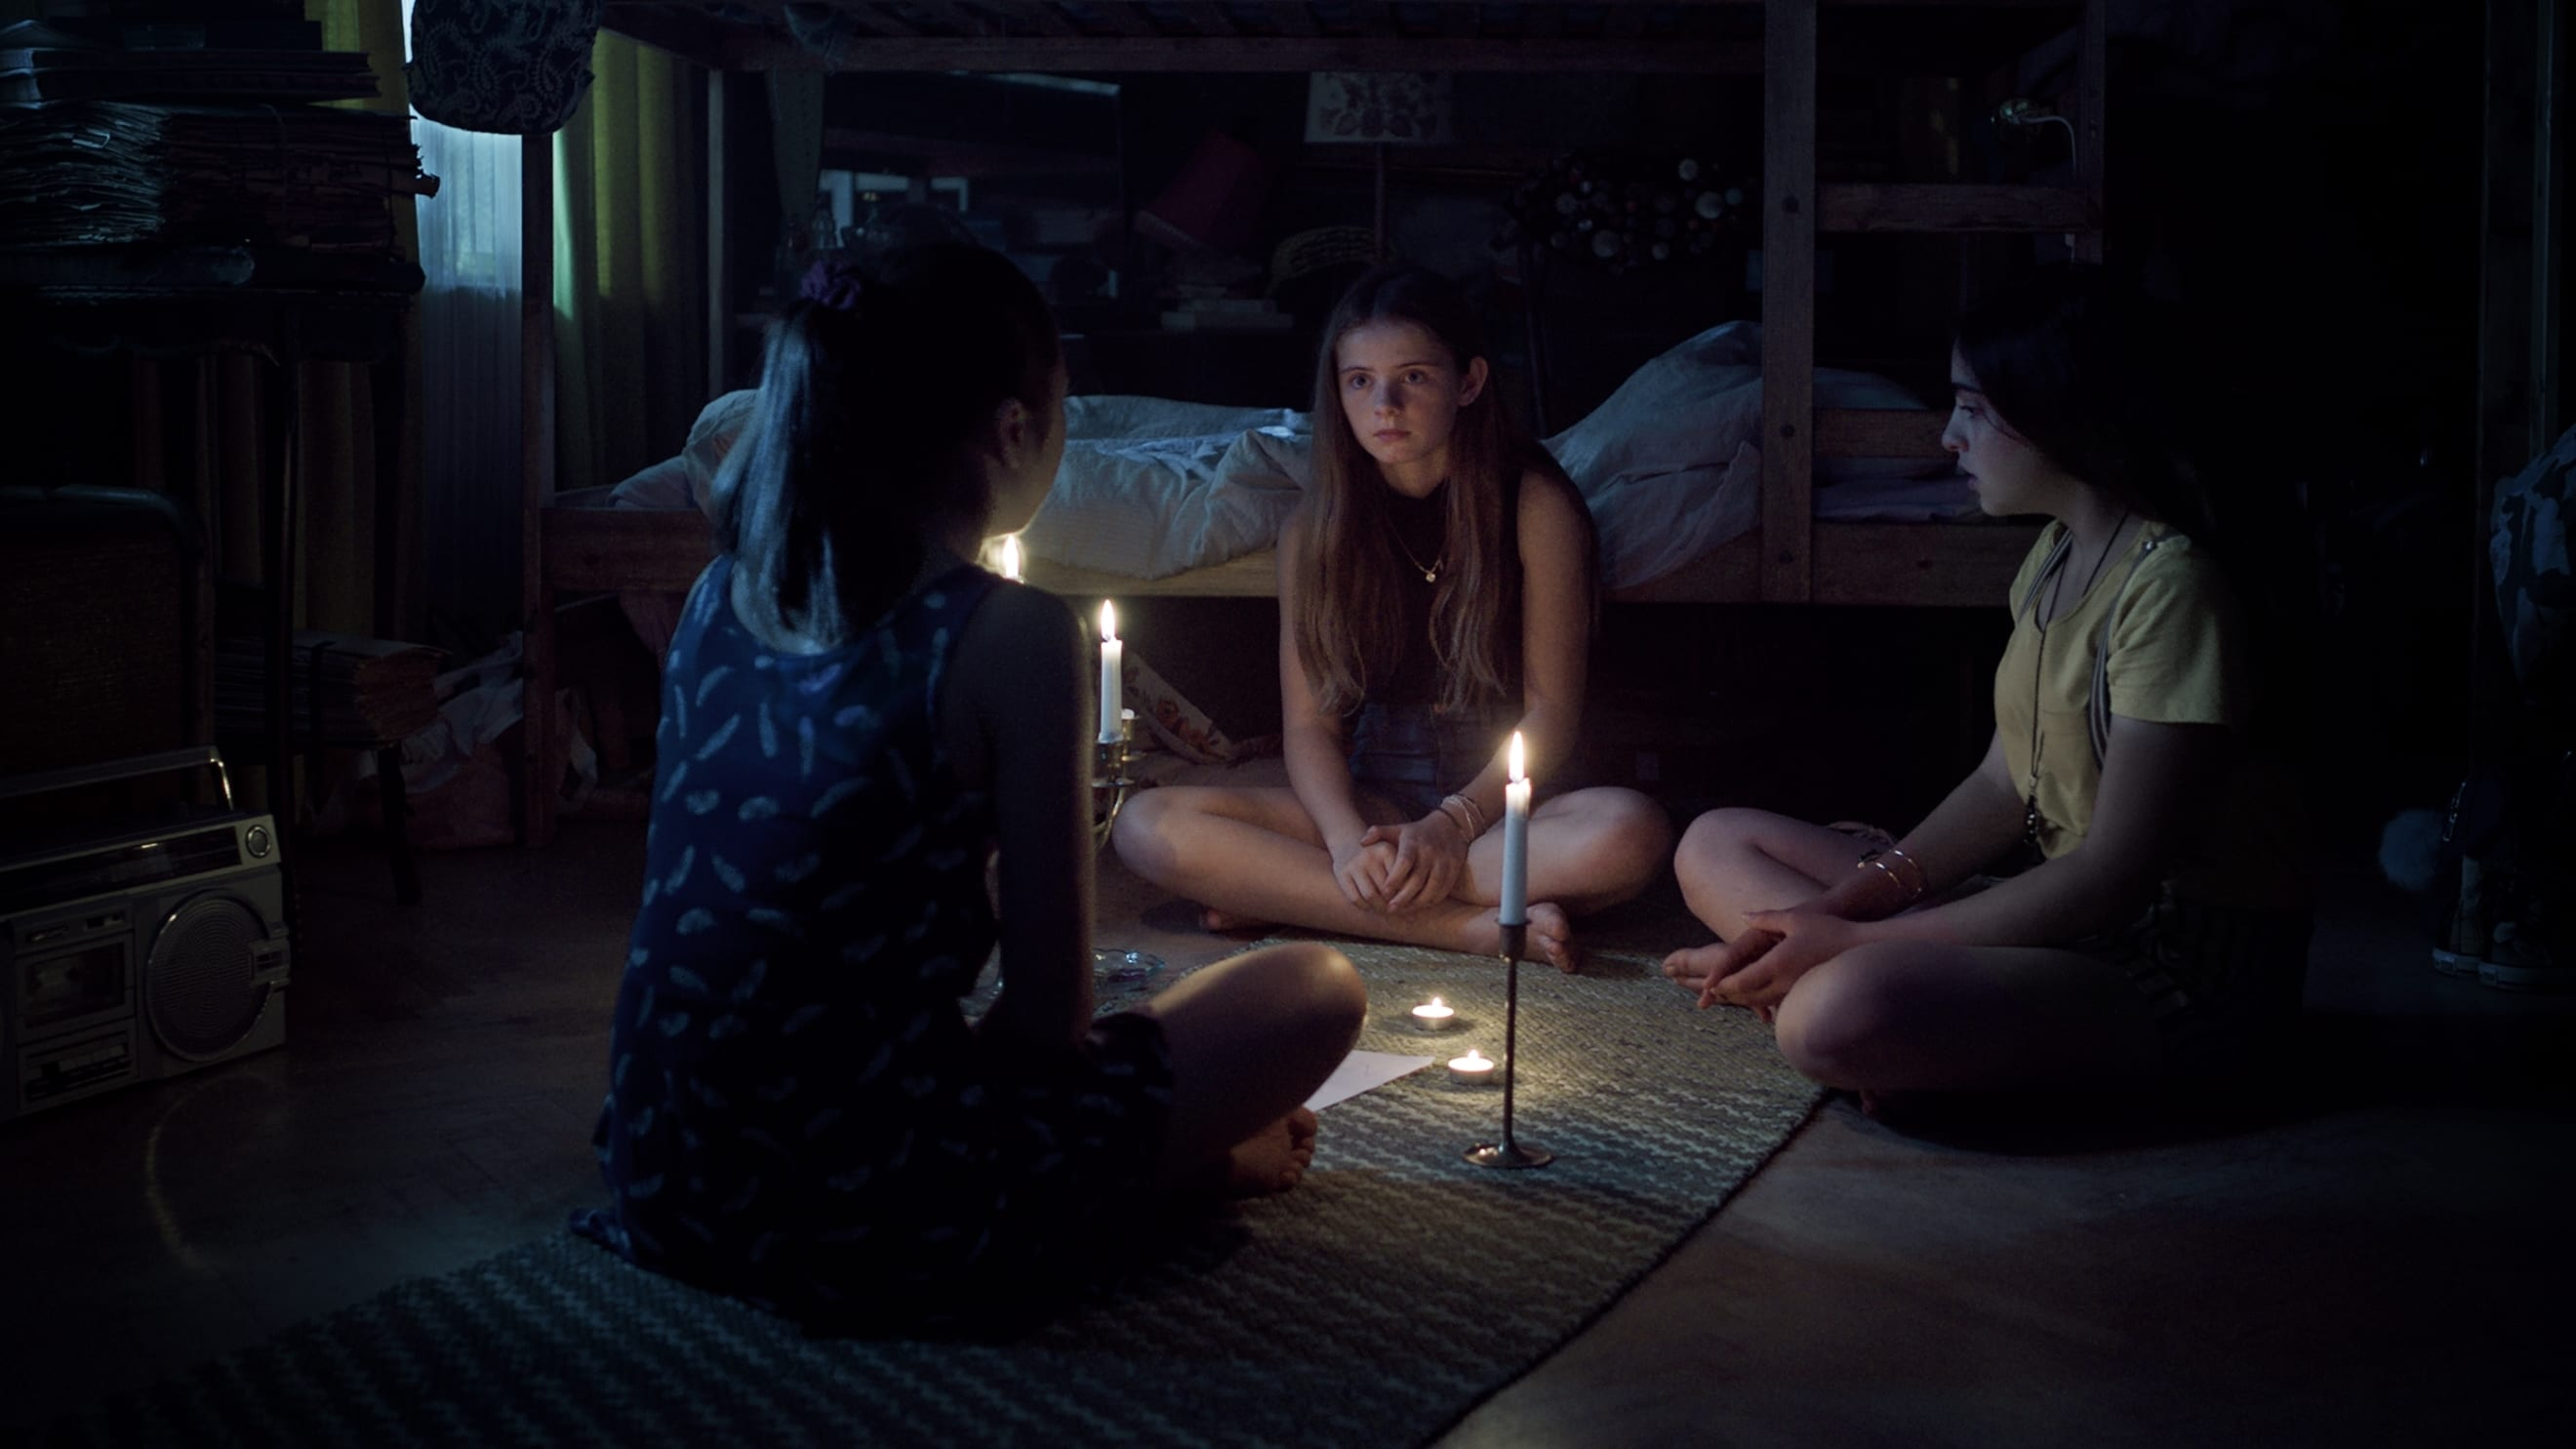 світлини із фильма Фільм - Чілдрен Кінофест 2019